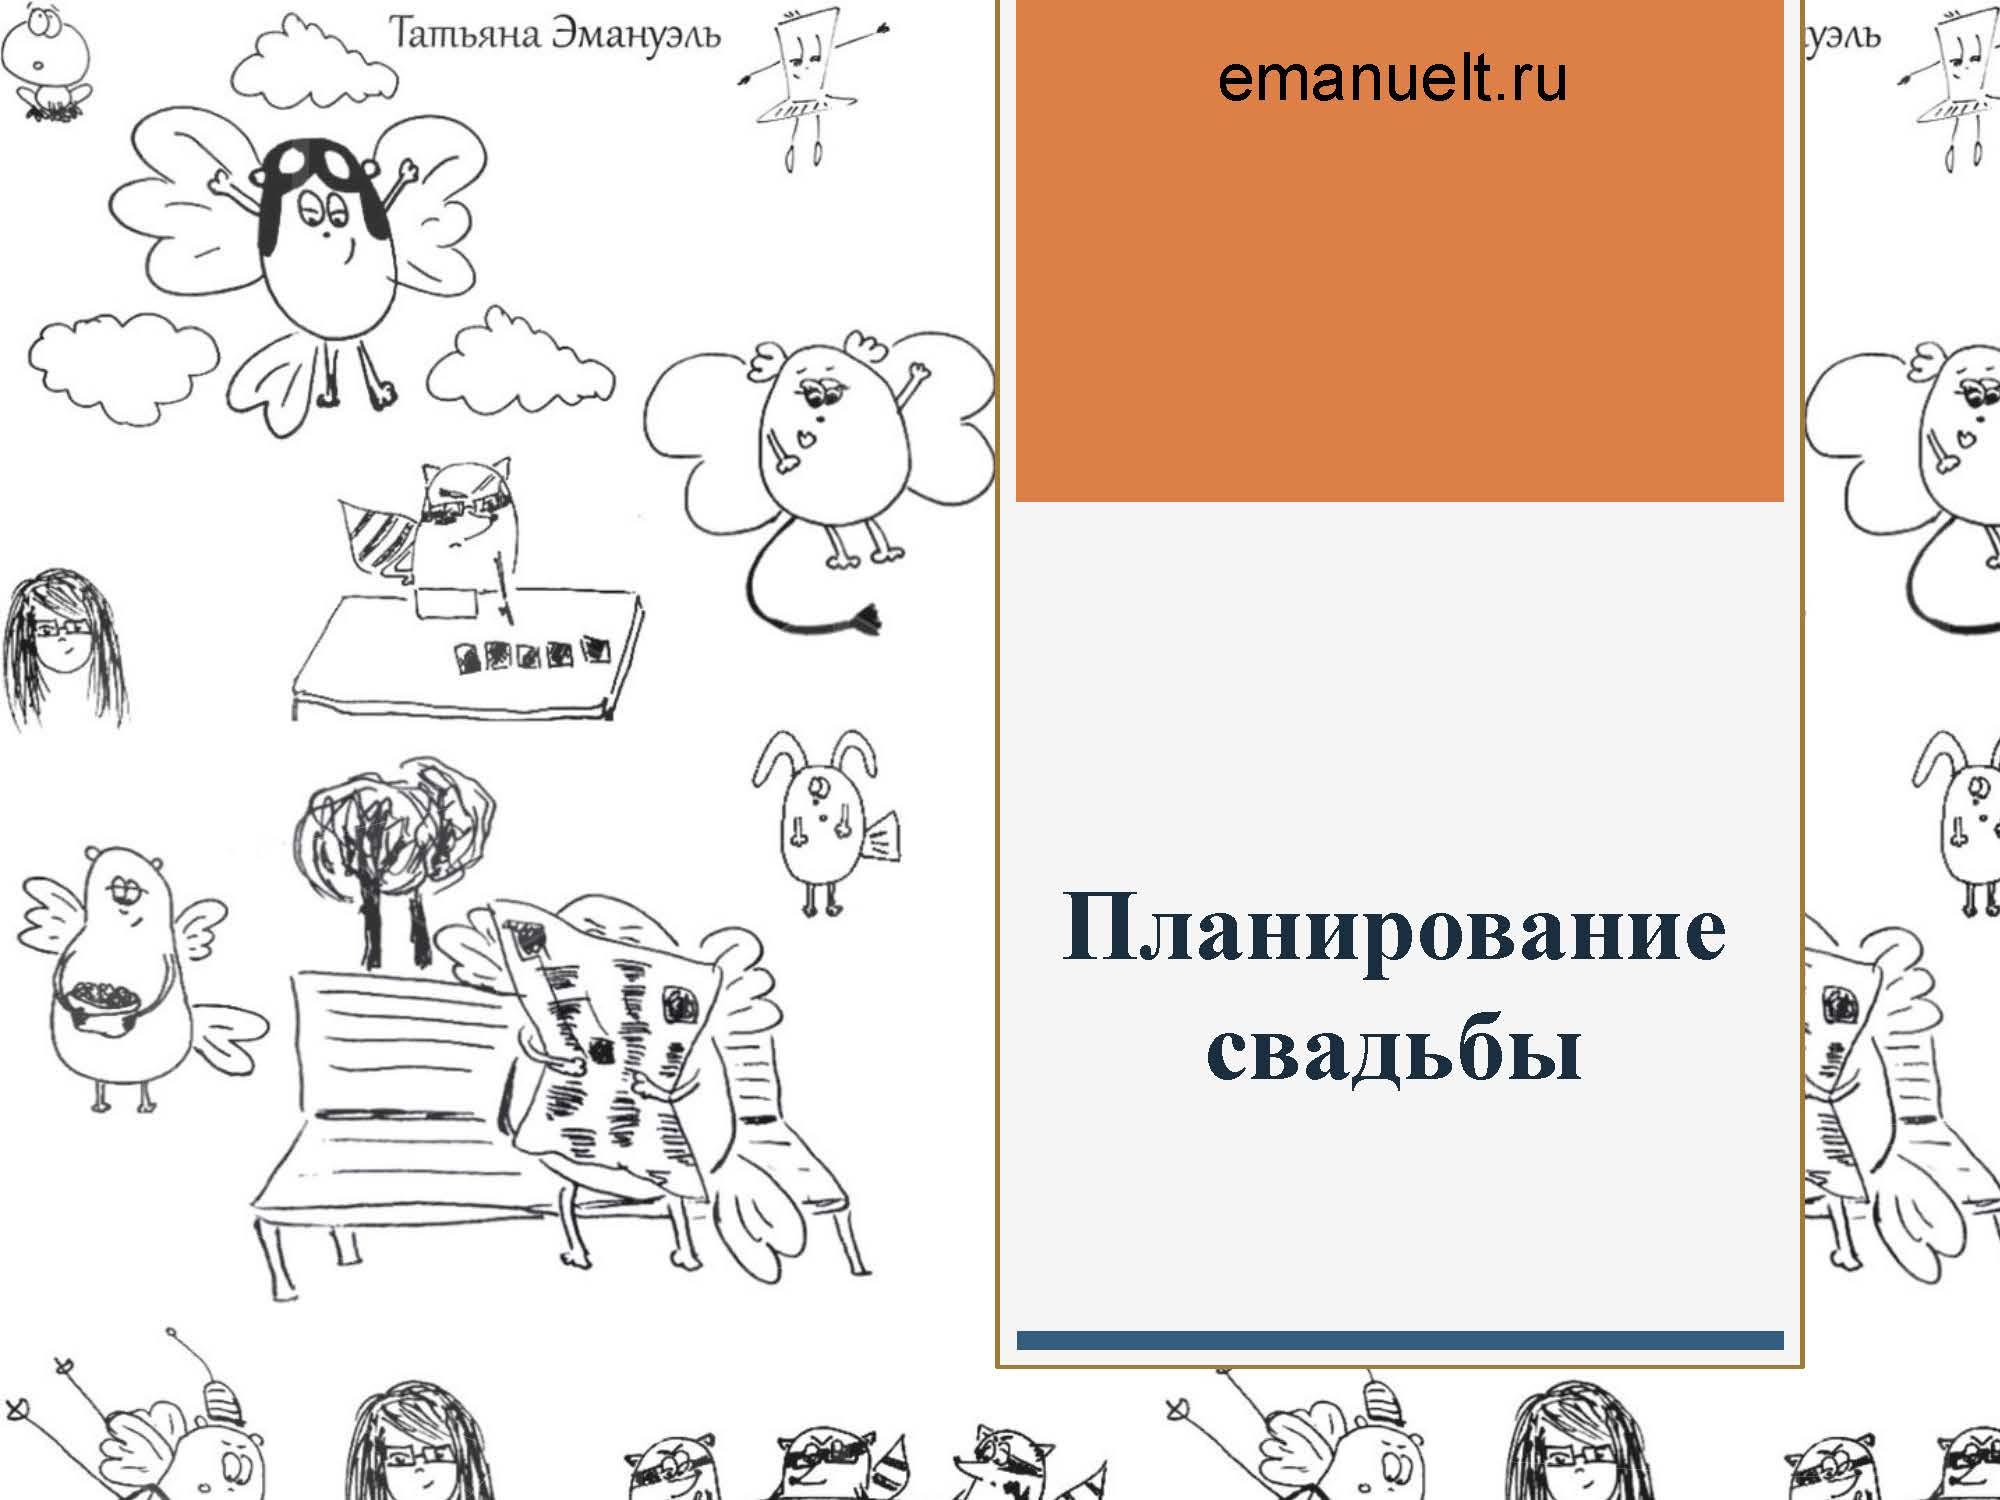 инфо_Страница_019